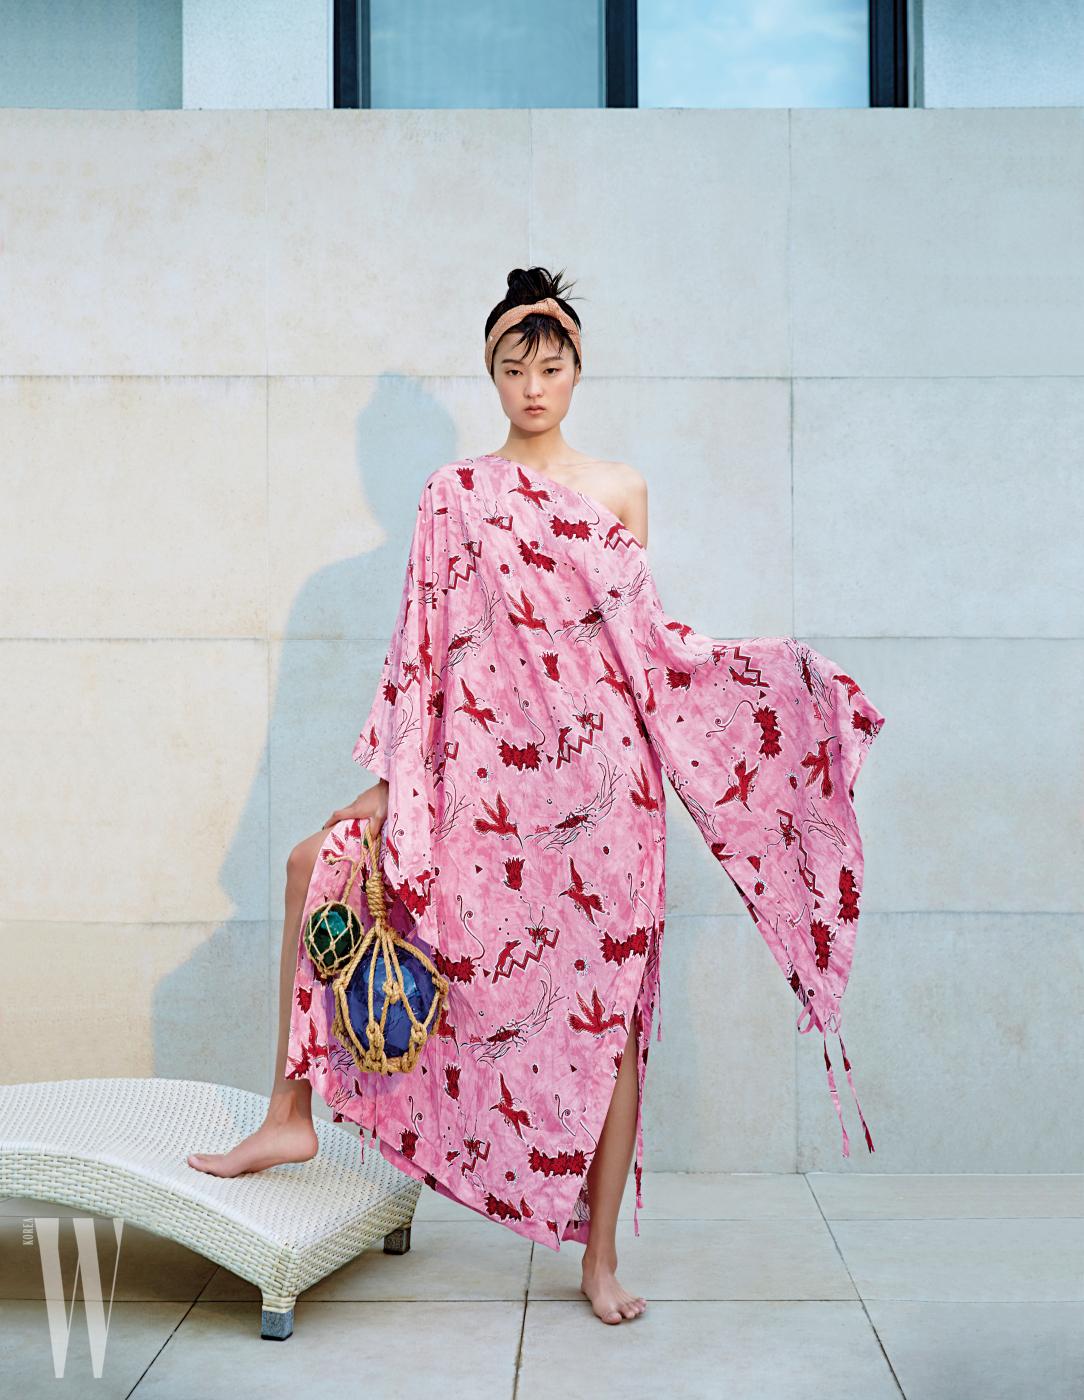 그래픽적인 새가 그려진 화려한 원숄더 드레스는 파울라 이비자 컬렉션으로, 로에베 제품. 헤어 밴드는 헬렌 카민스키 제품.